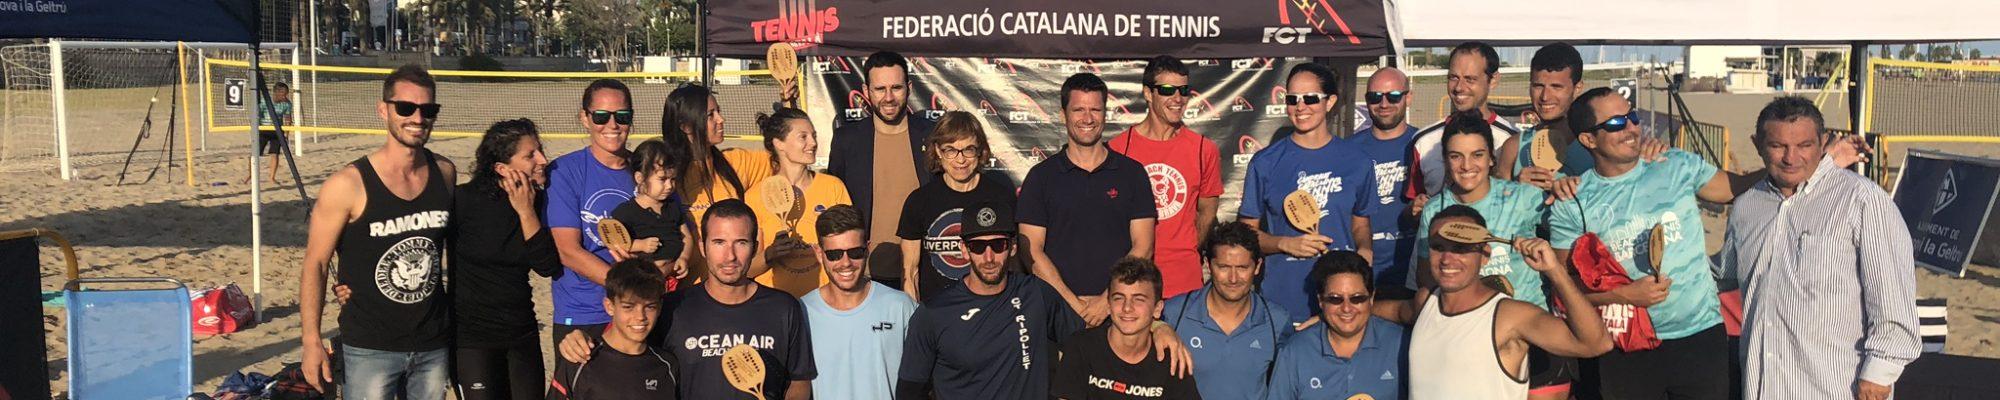 Campionat Catalunya Tennis Platja (11)